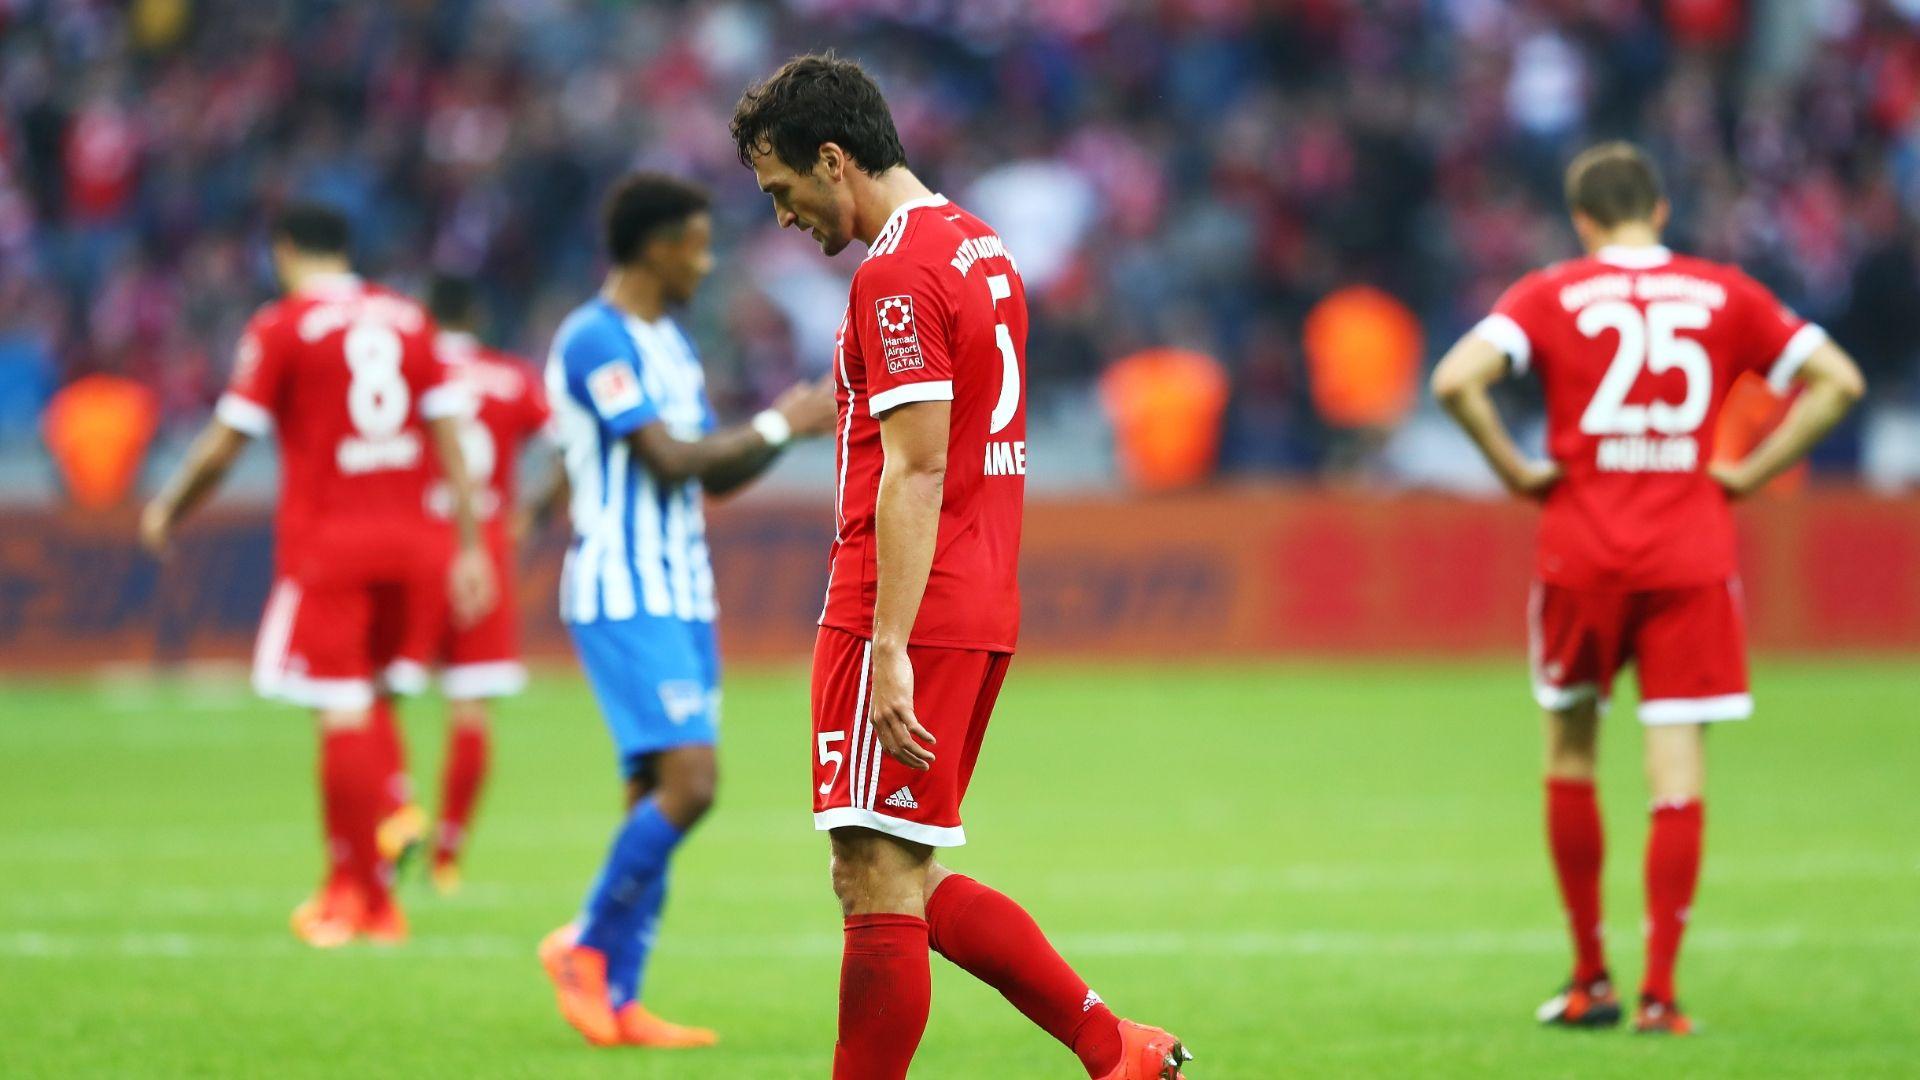 Dẫn trước 2 bàn, Bayern vẫn phải chia điểm với Hertha đầy cay đắng